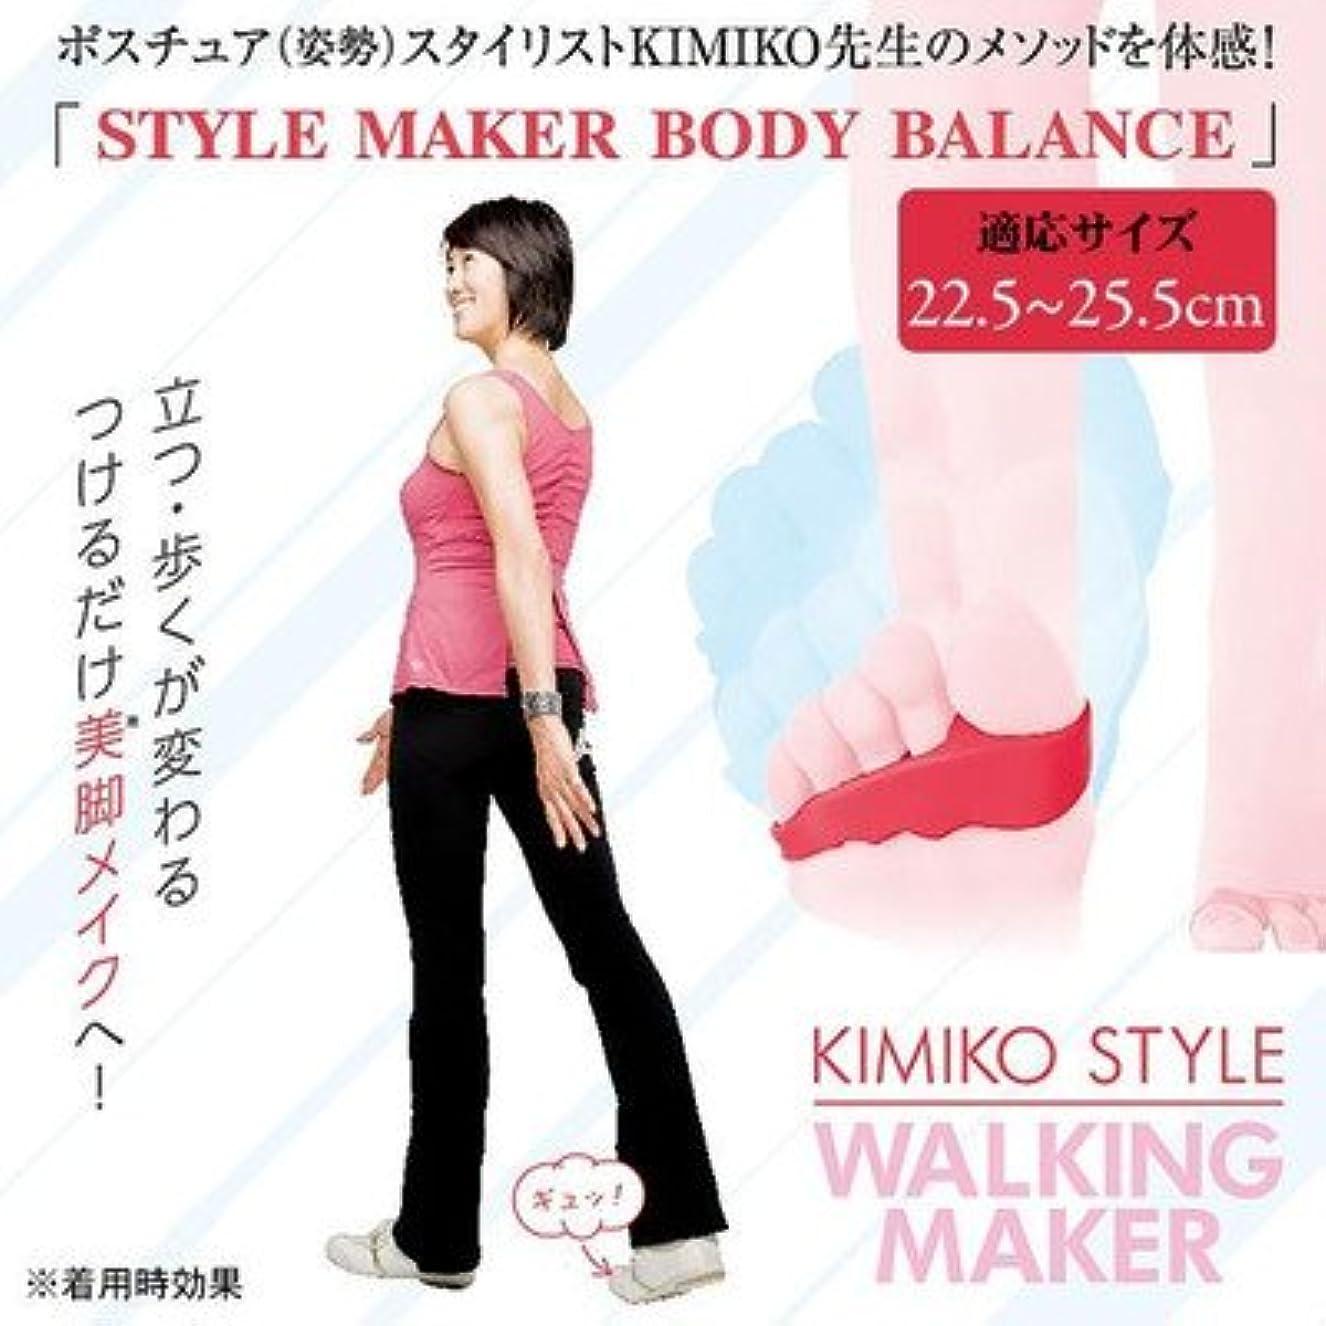 アミューズなのでポイント付けて歩いて 正しい歩行姿勢へナビゲート KIMIKO STYLE キミコスタイル WALKING MAKER ウォーキングメーカー 1足入